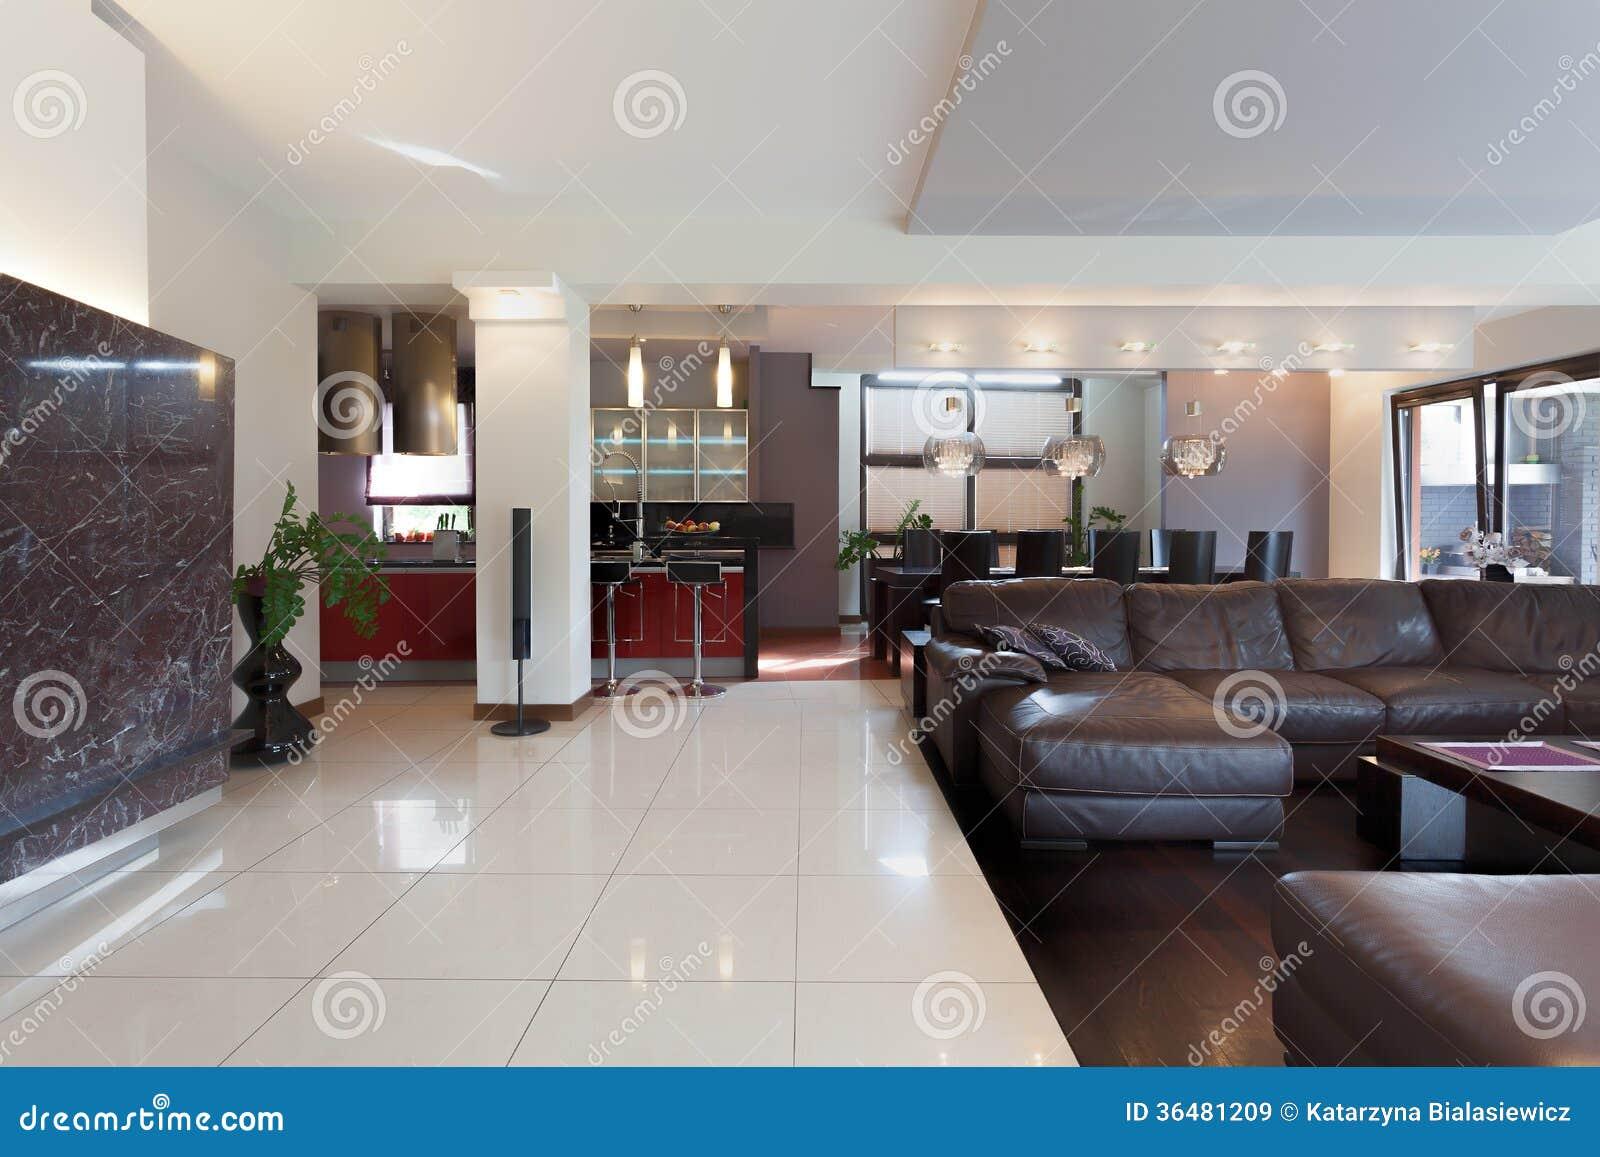 Cocina sala de estar y comedor imagen de archivo imagen for Comedor y sala de estar decorados